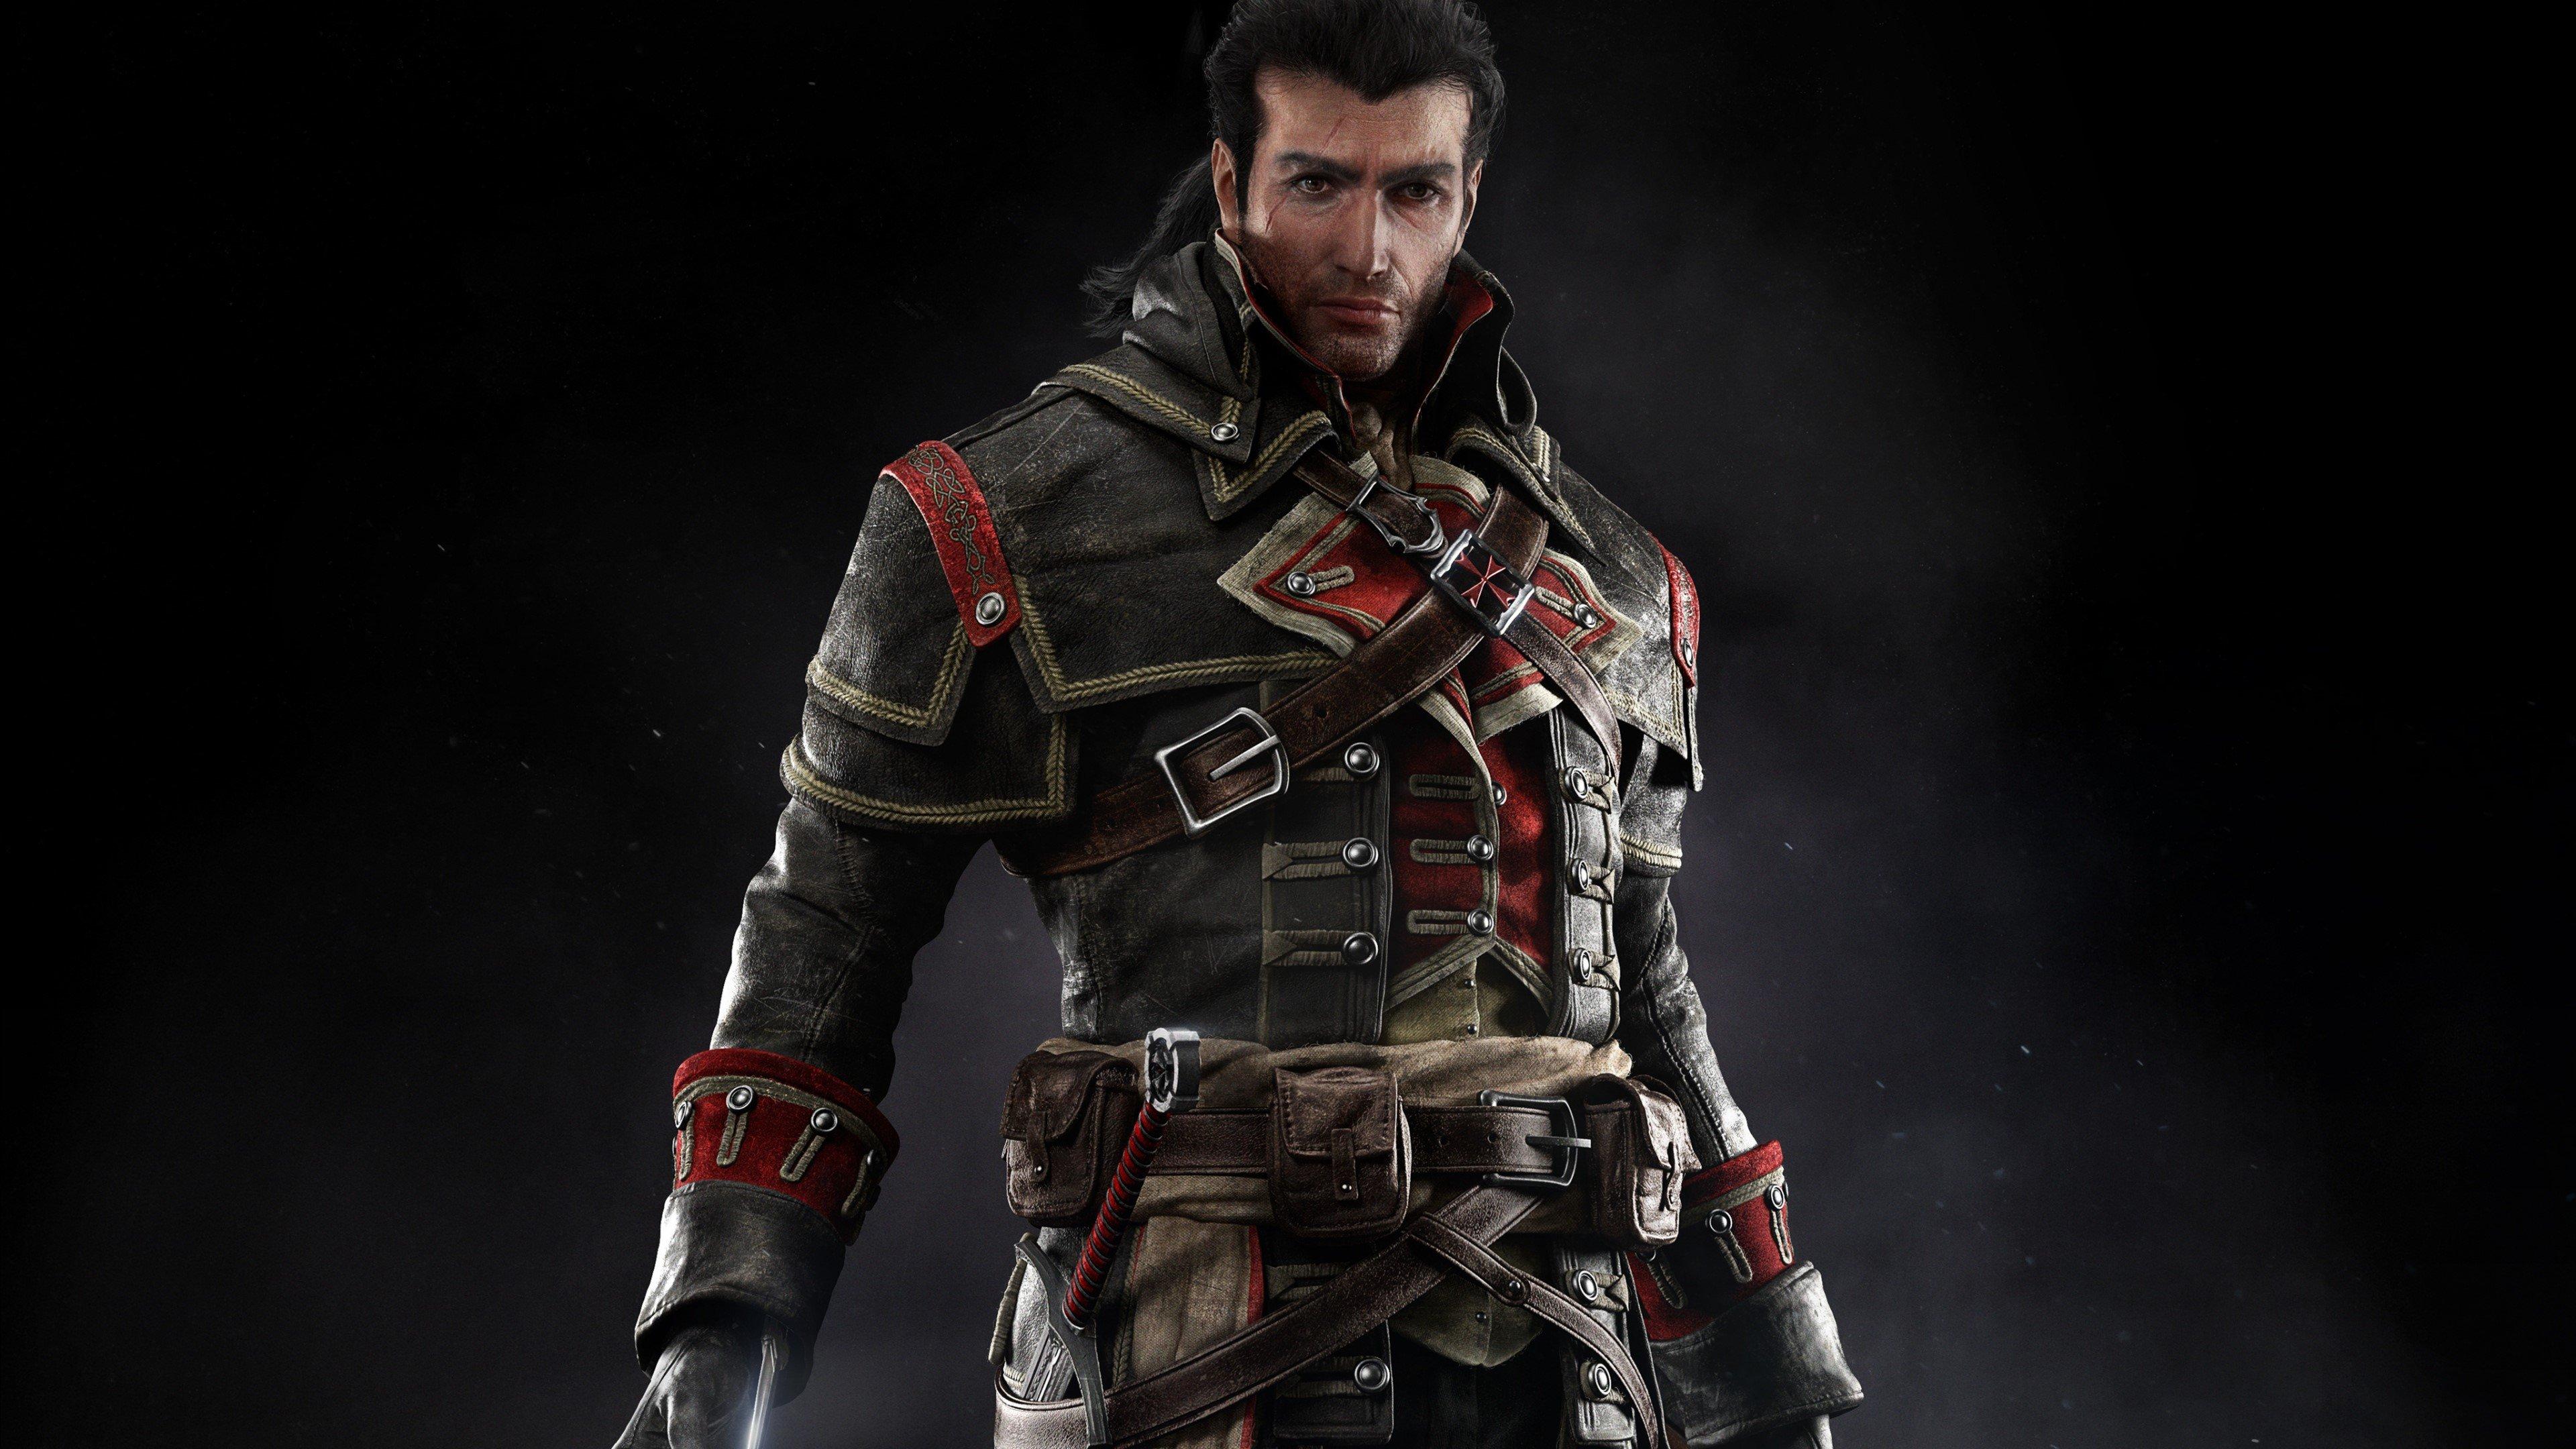 Fondos de pantalla Shay Patrick de Assassins Creed